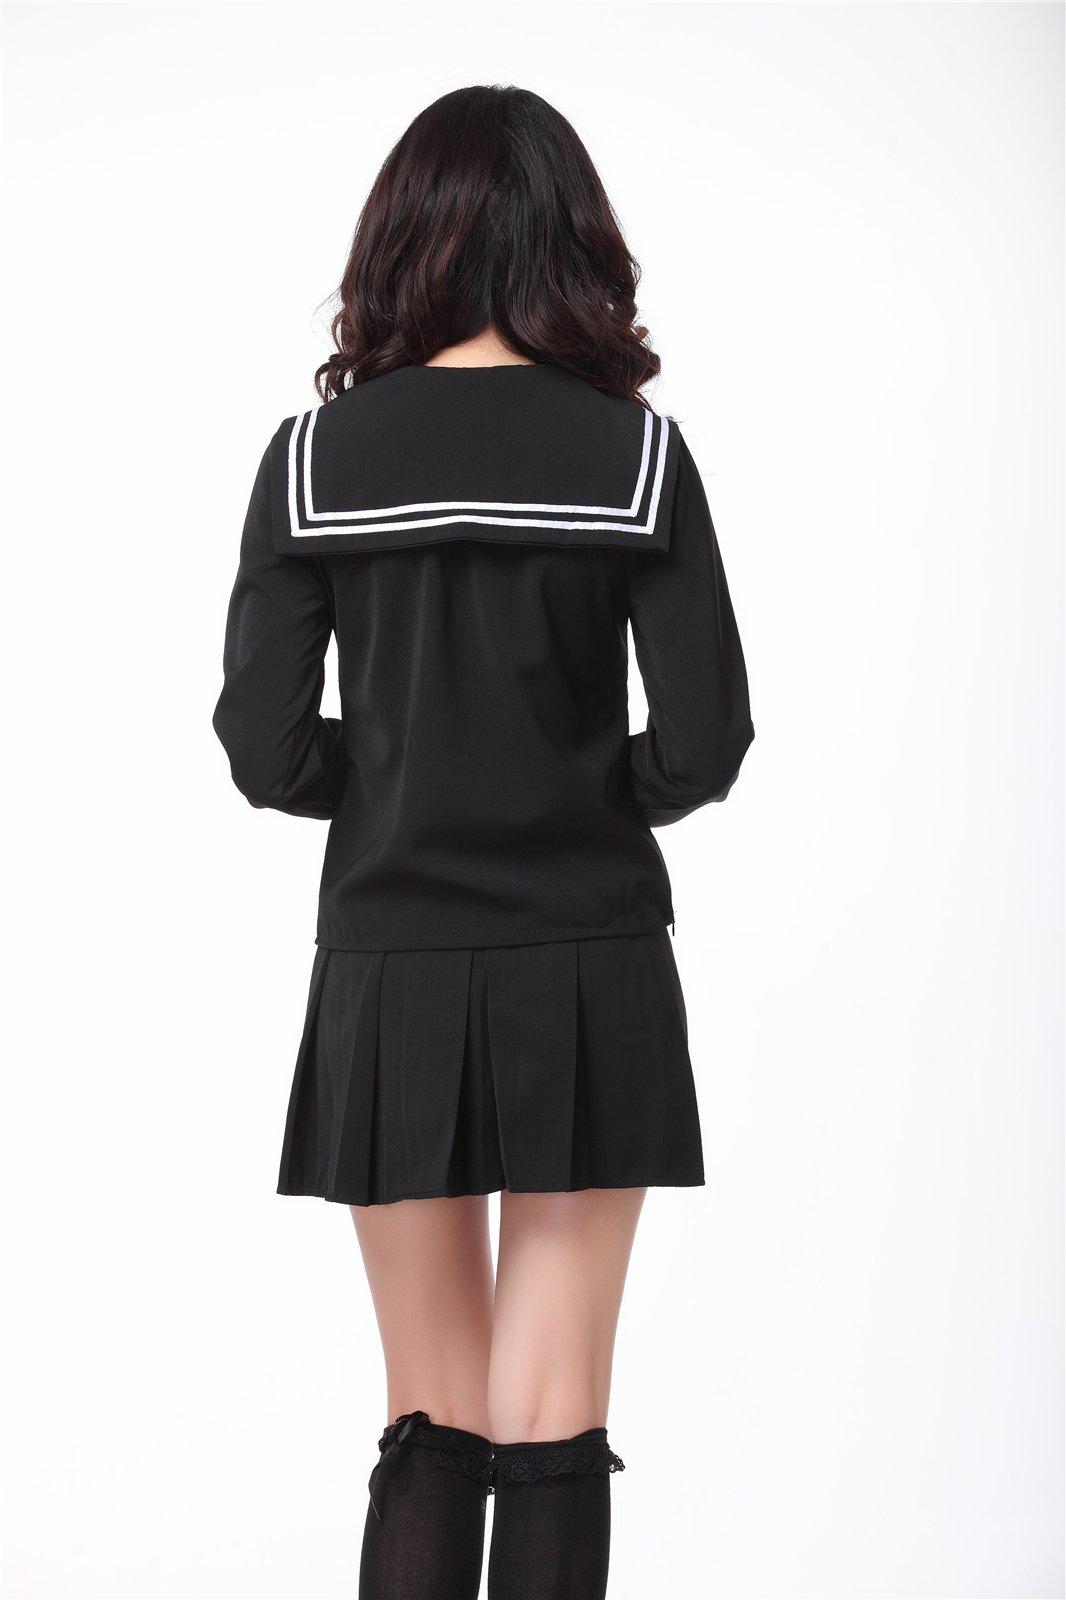 ROLECOS Womens Sailor School Uniform Dress Black L GC13A by ROLECOS (Image #3)